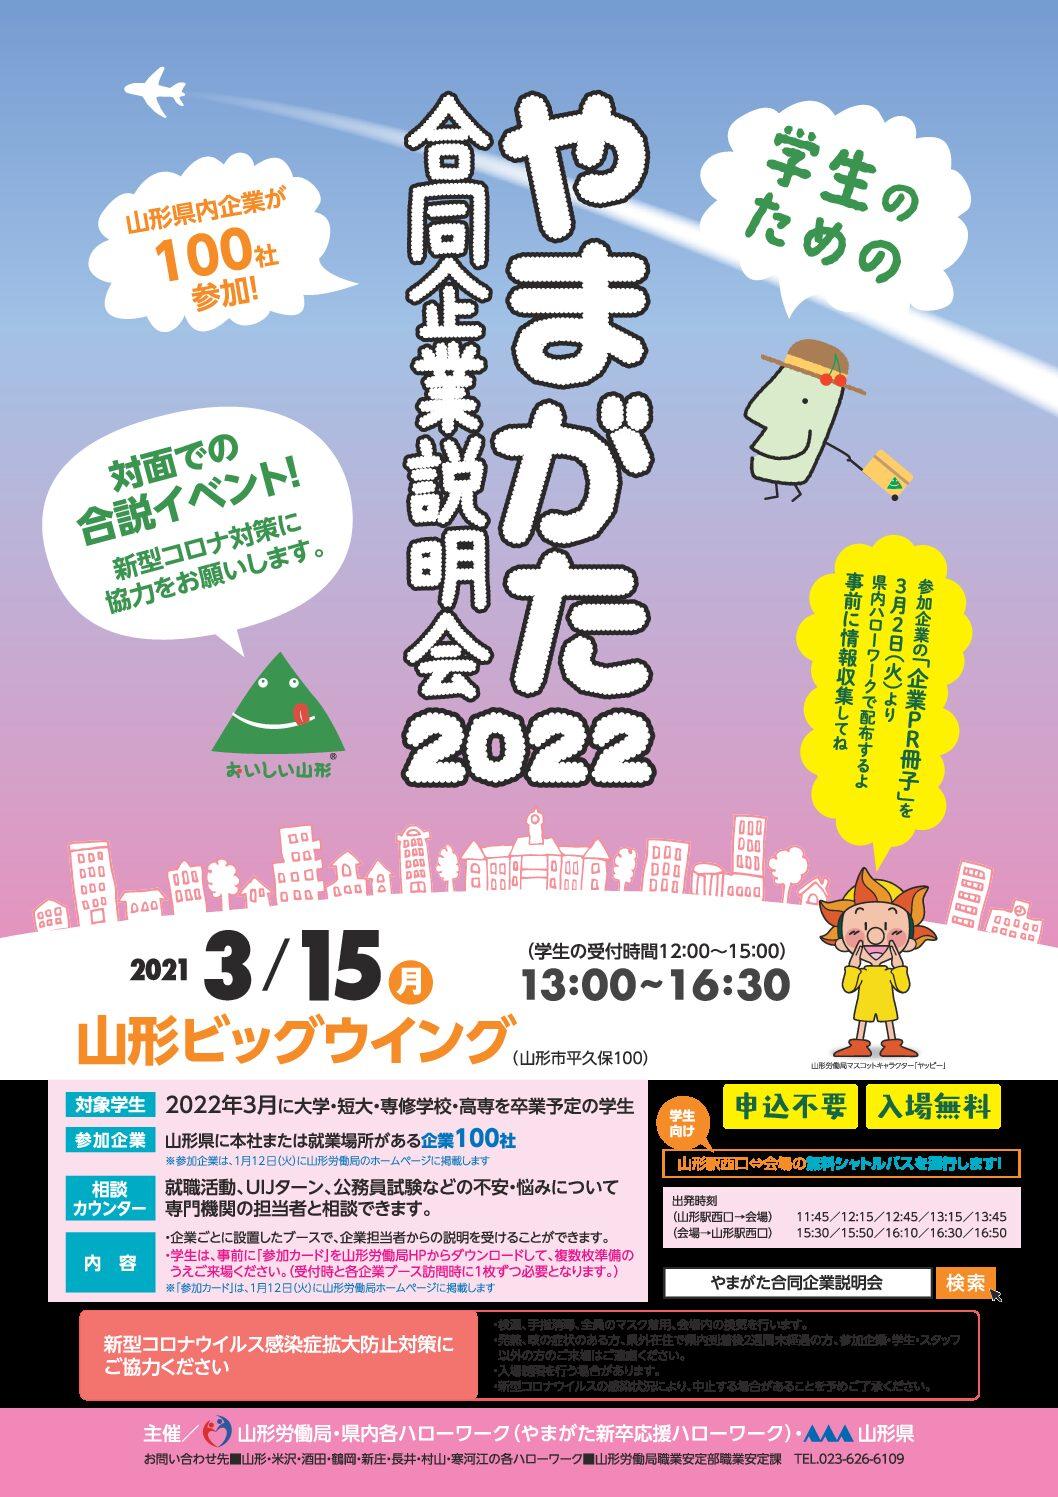 終了(3月15日(月))「やまがた合同企業説明会2022」参加企業紹介スタート